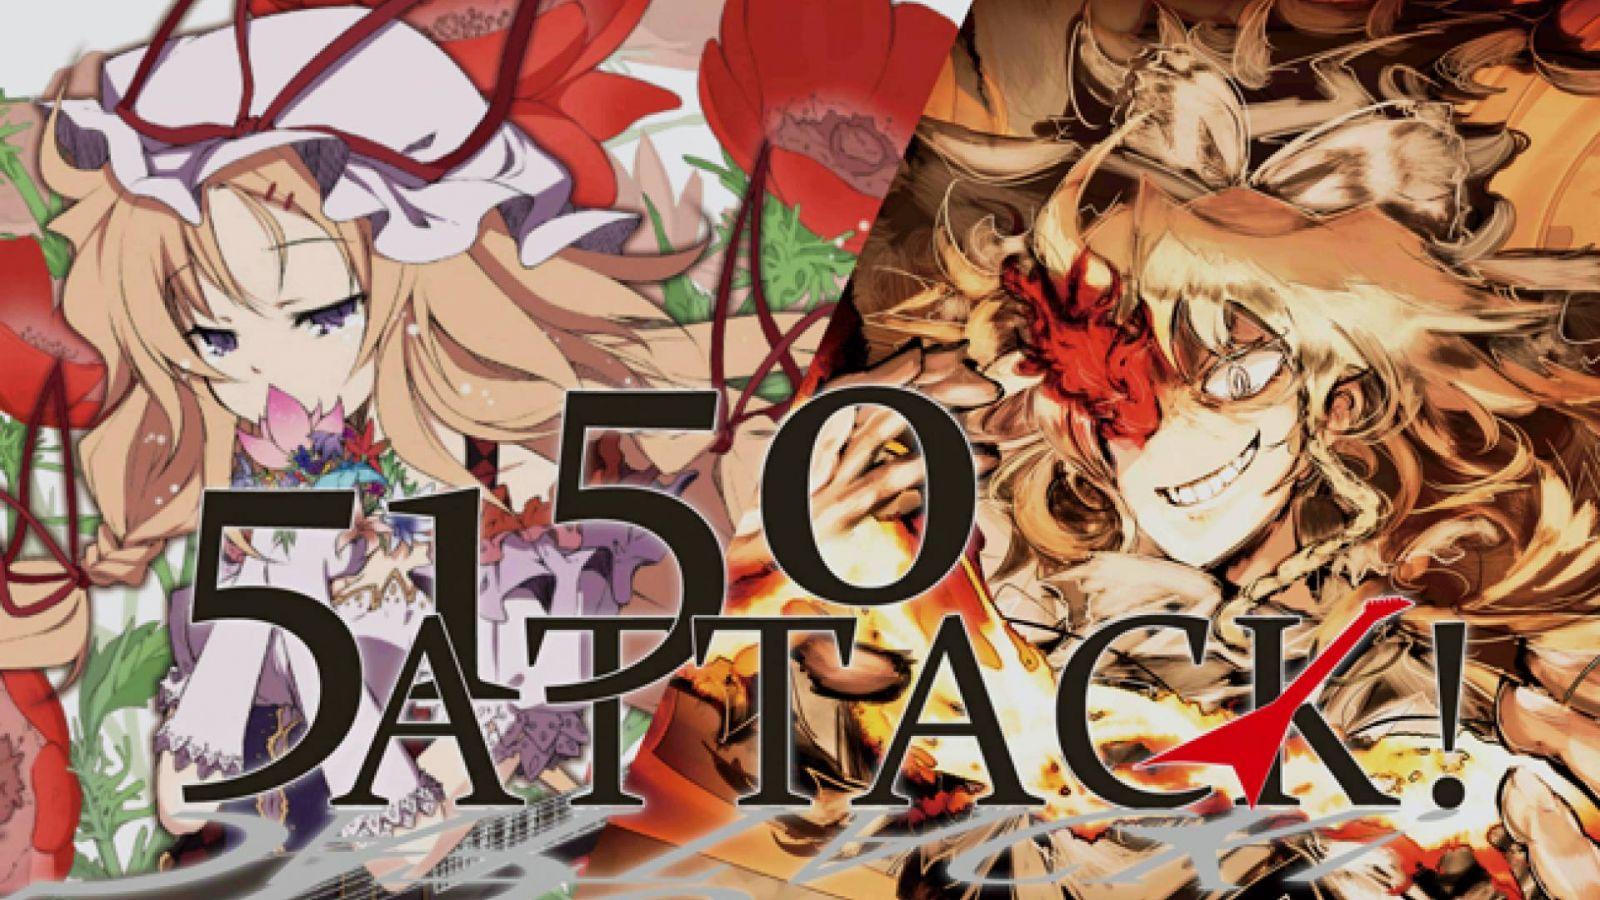 5150 ATTACK! © 5150 ATTACK!